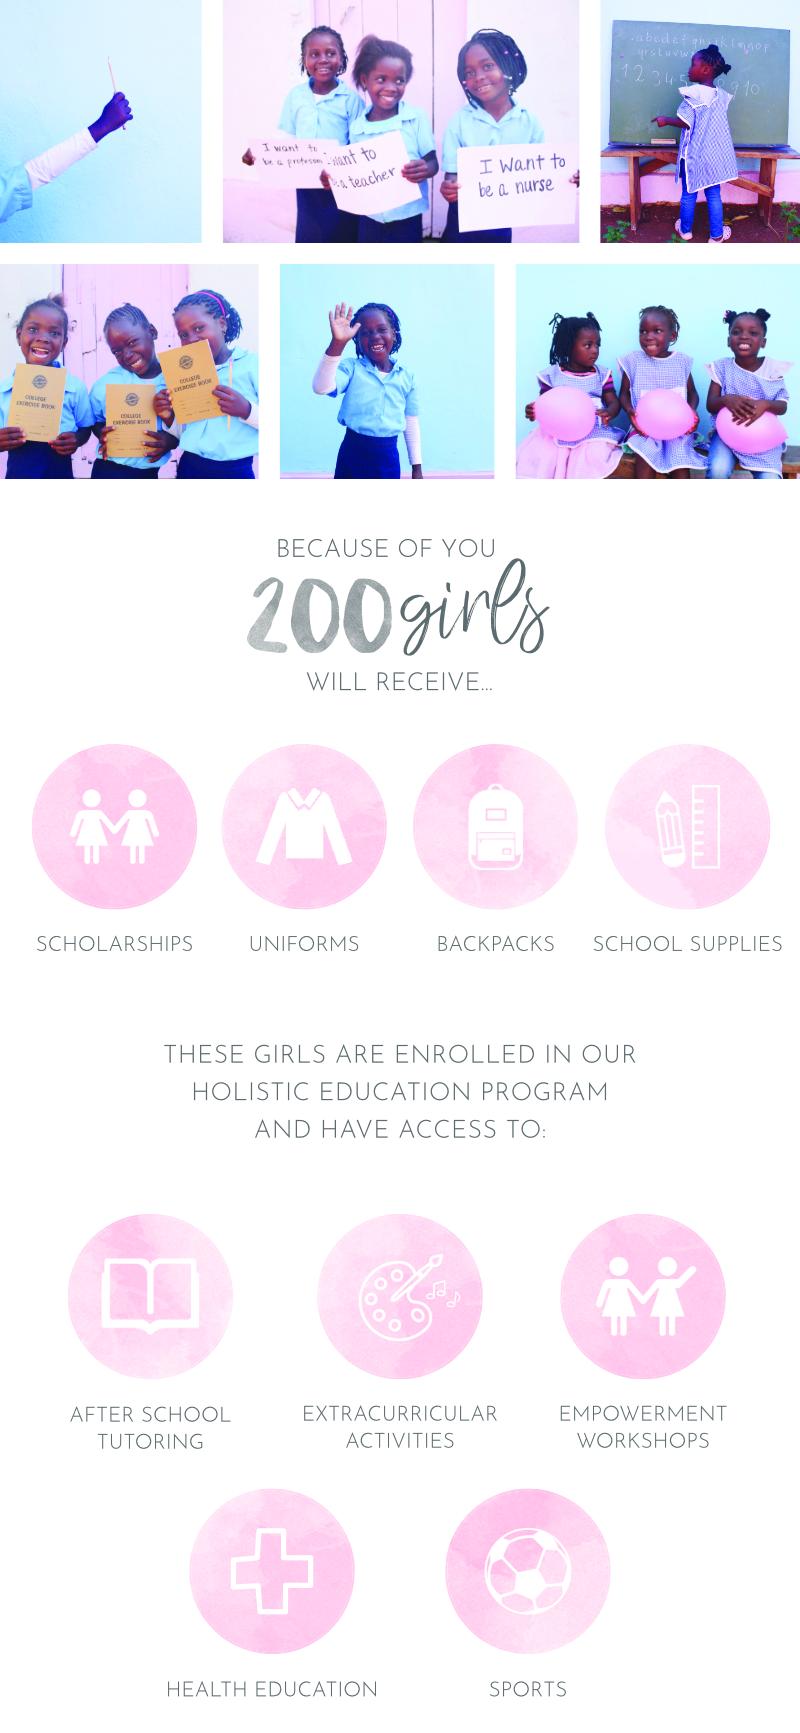 kurandza-infographic.jpg